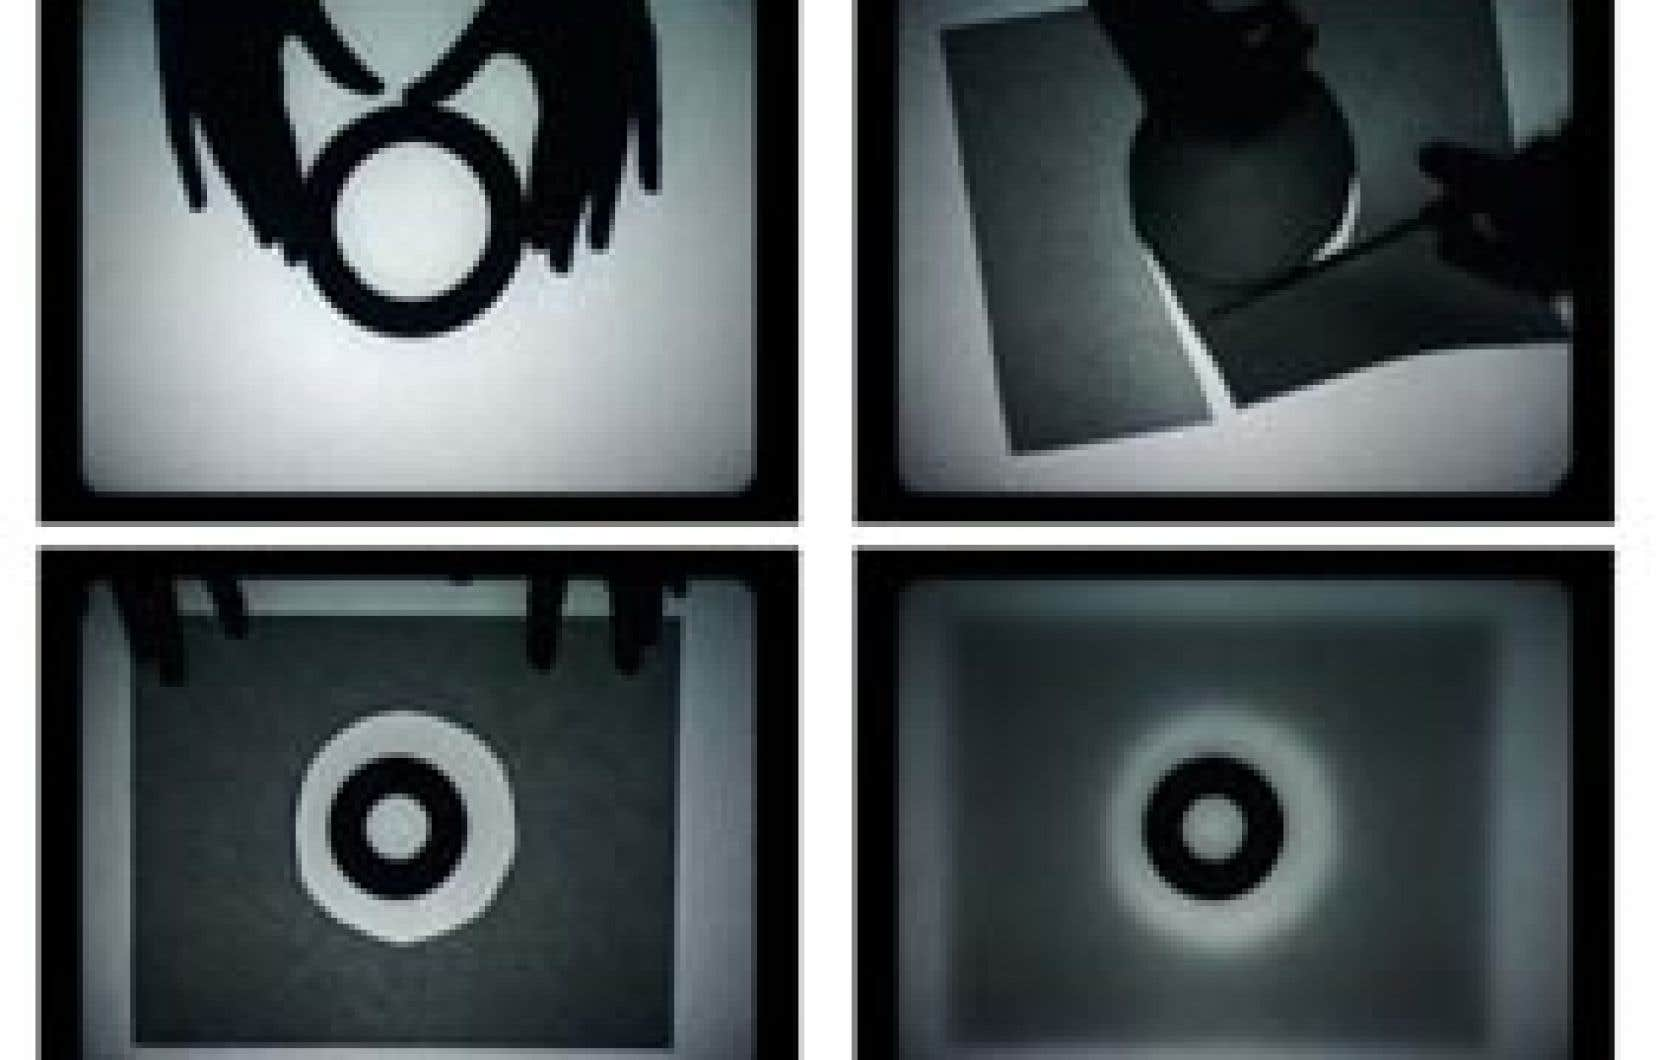 Répertoire (détail), installation vidéographique de Manon de Pauw